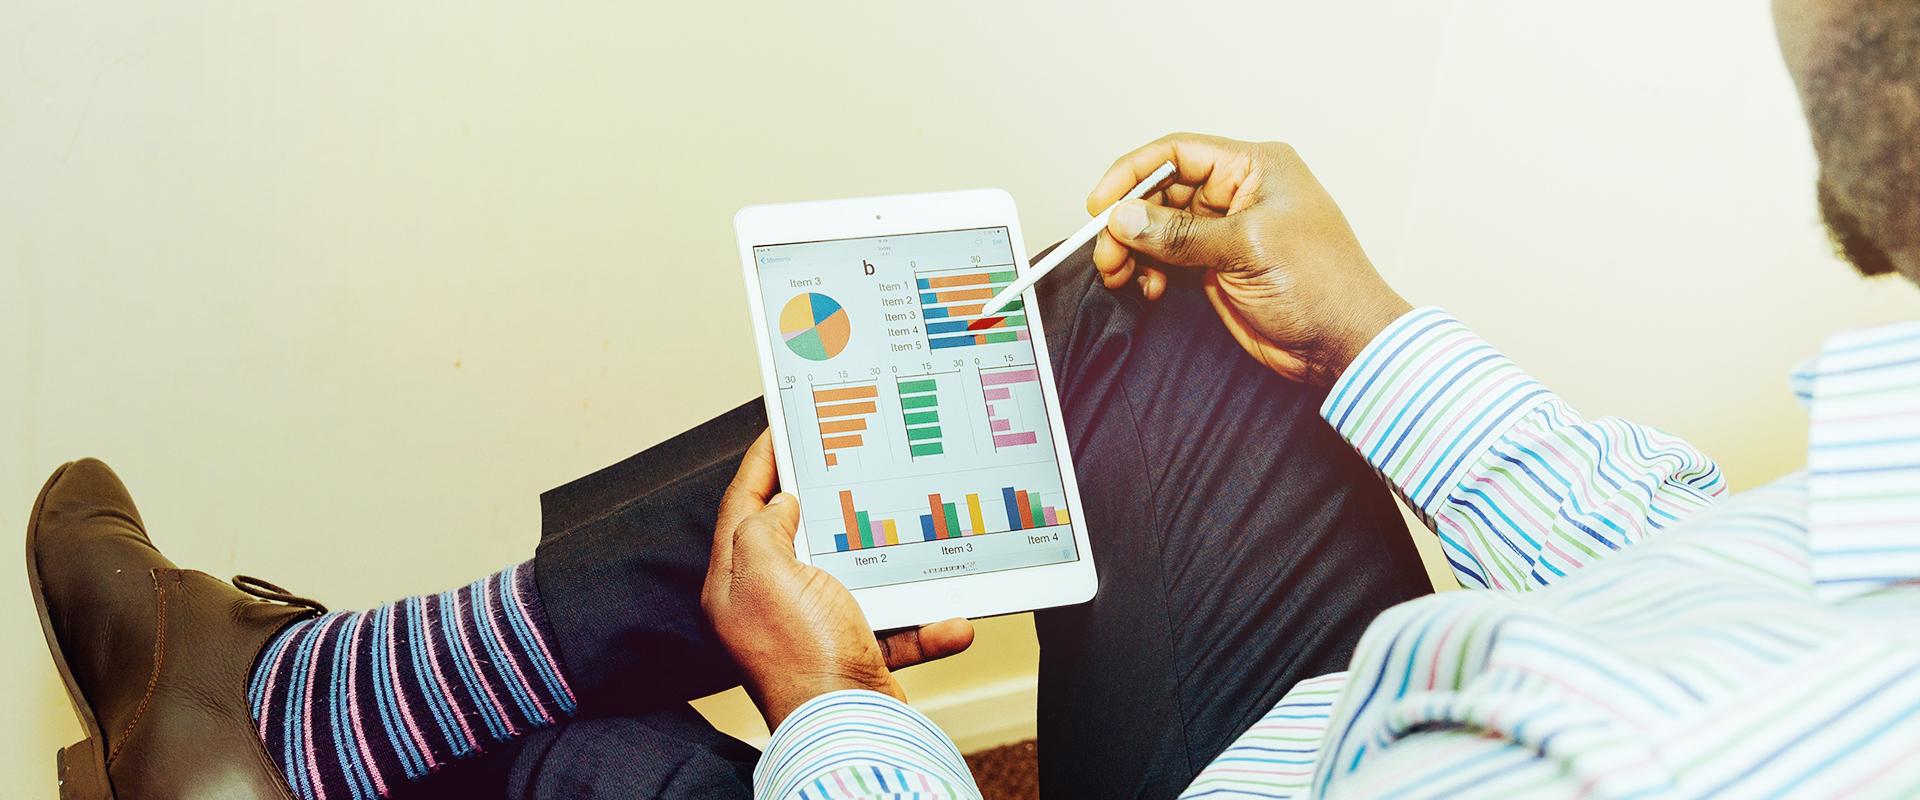 homme qui tient iPad avec graphique de stratégie marketing